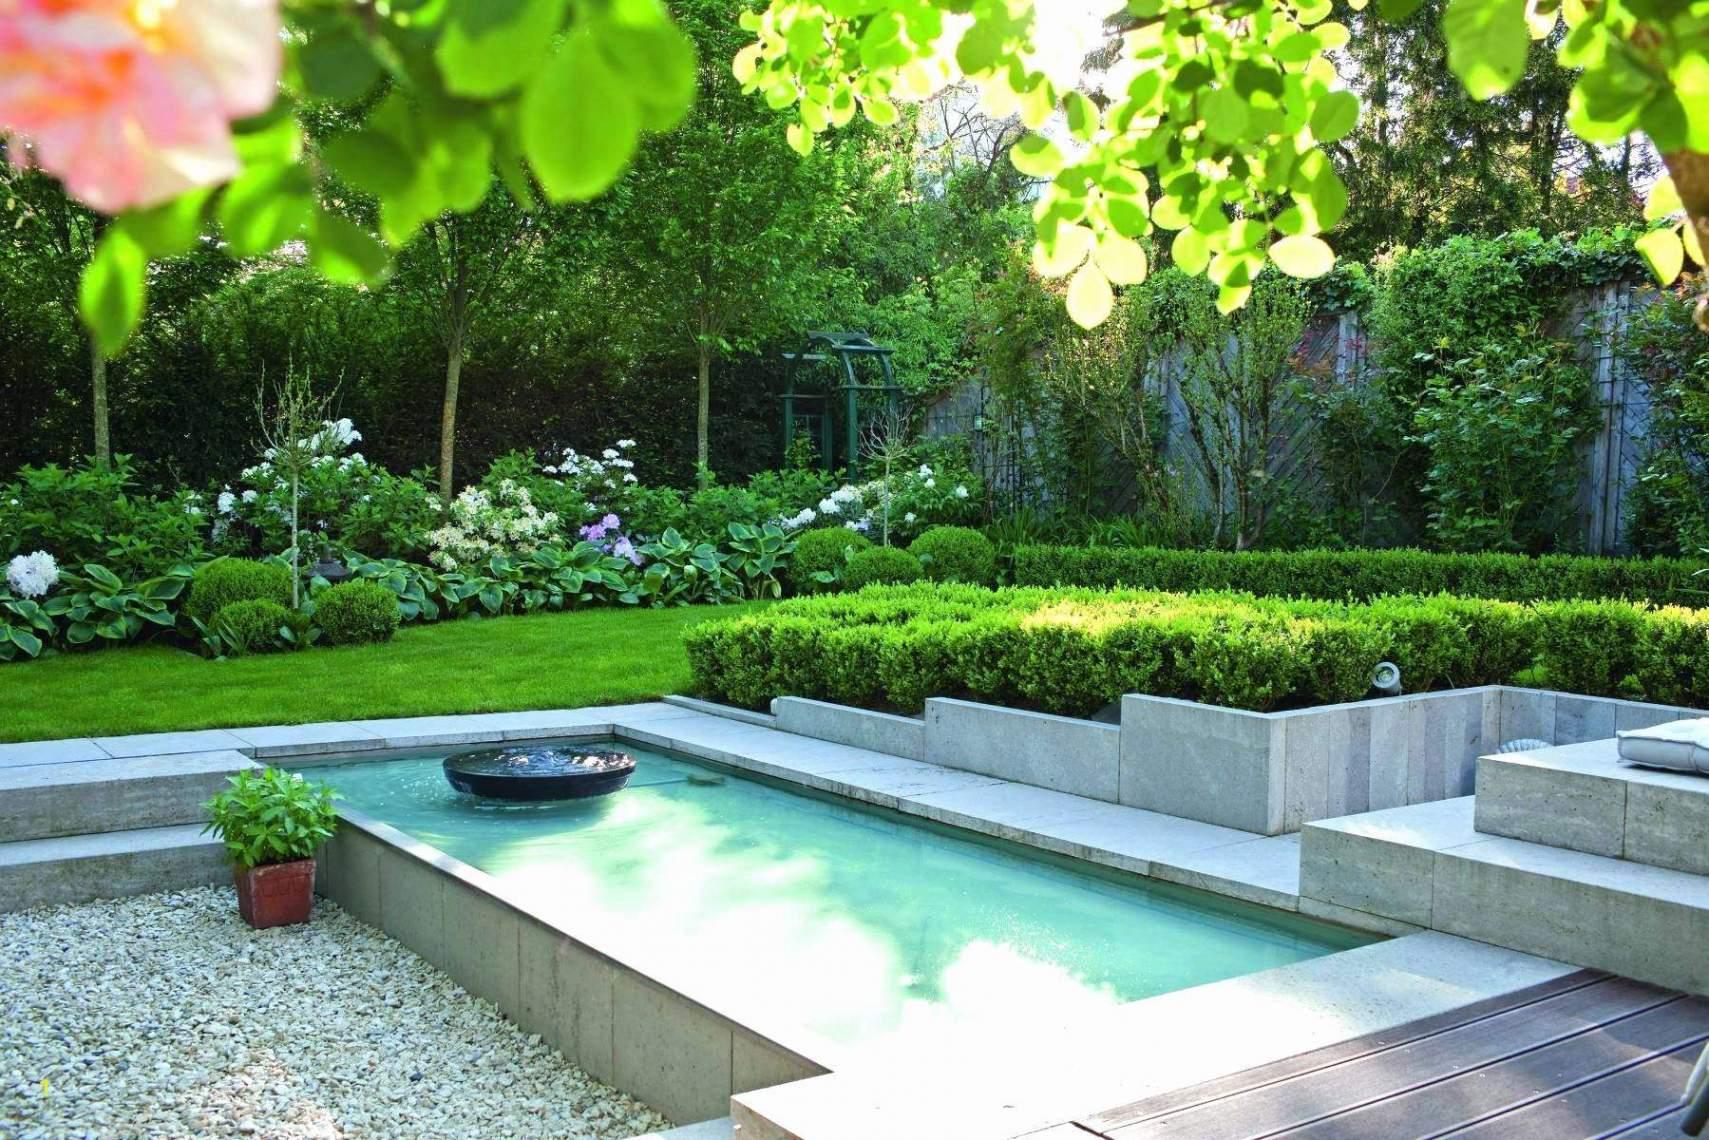 Kreative Ideen Für Den Garten Frisch 25 Reizend Gartengestaltung Für Kleine Gärten Genial